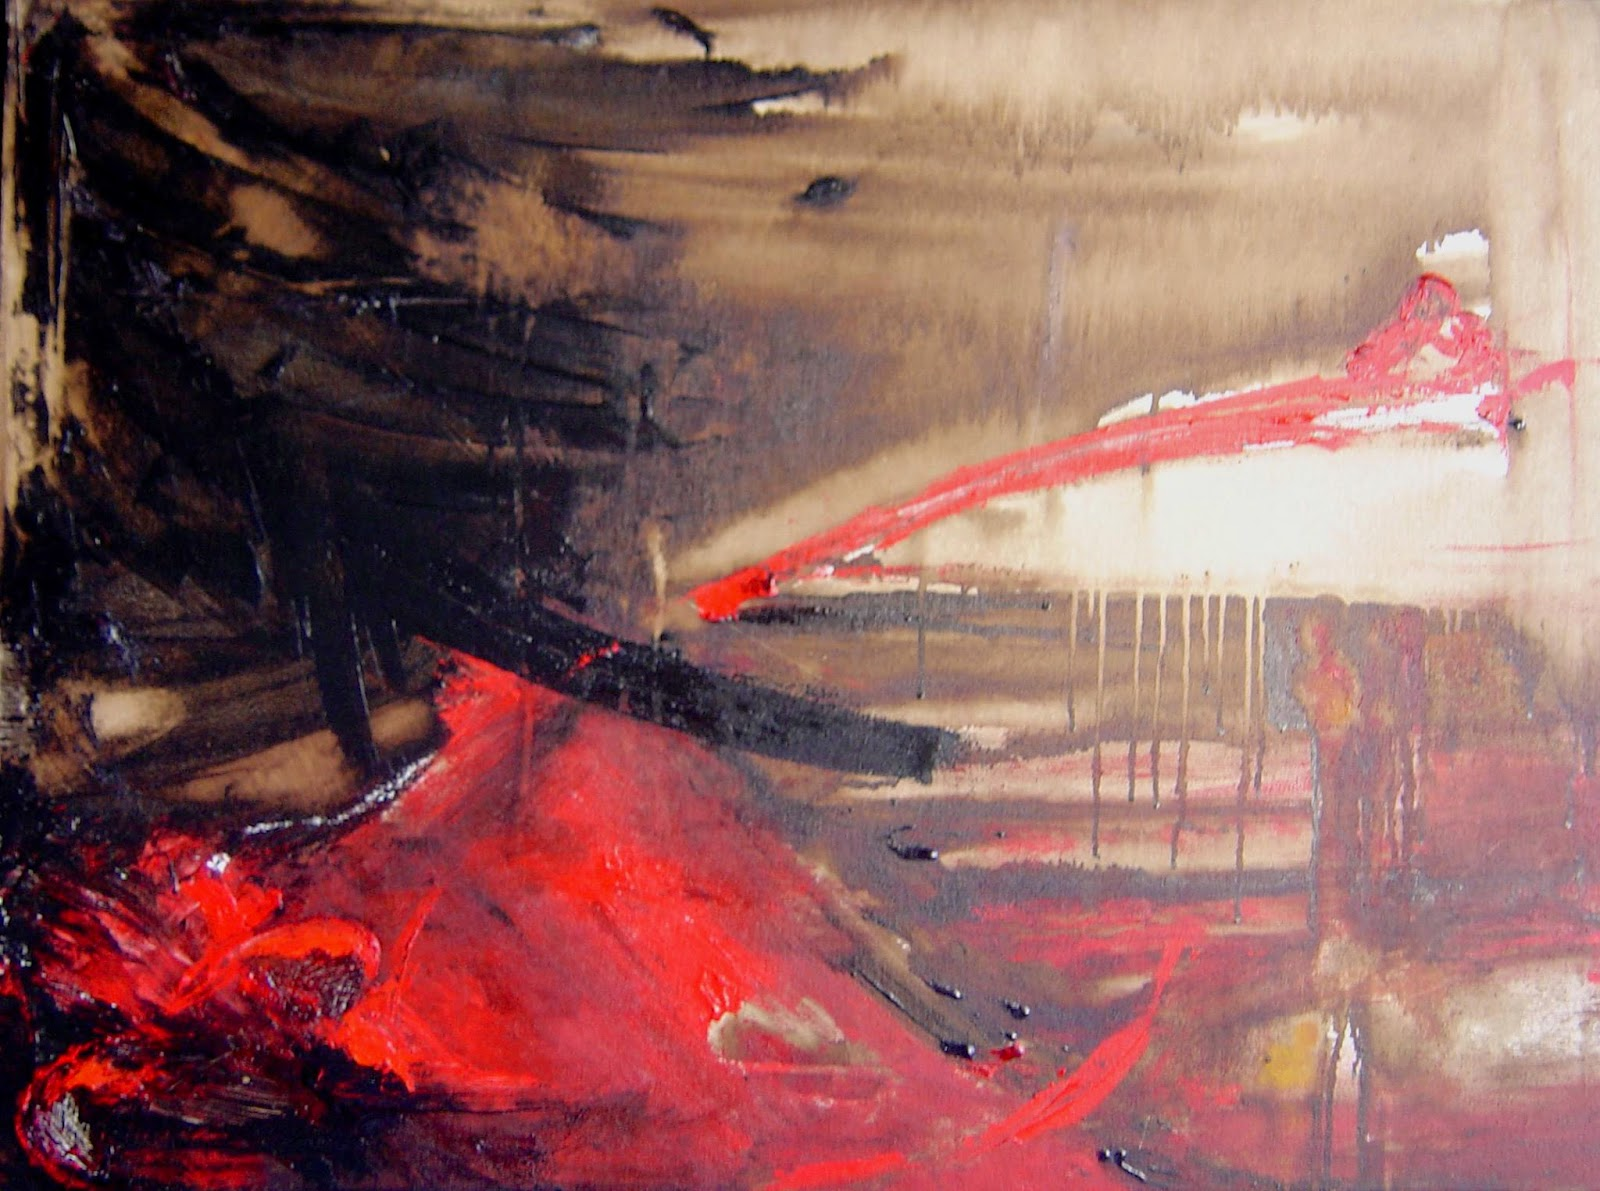 Pinturas abstractas de vanina martinez rojas - Ver colores de pinturas ...